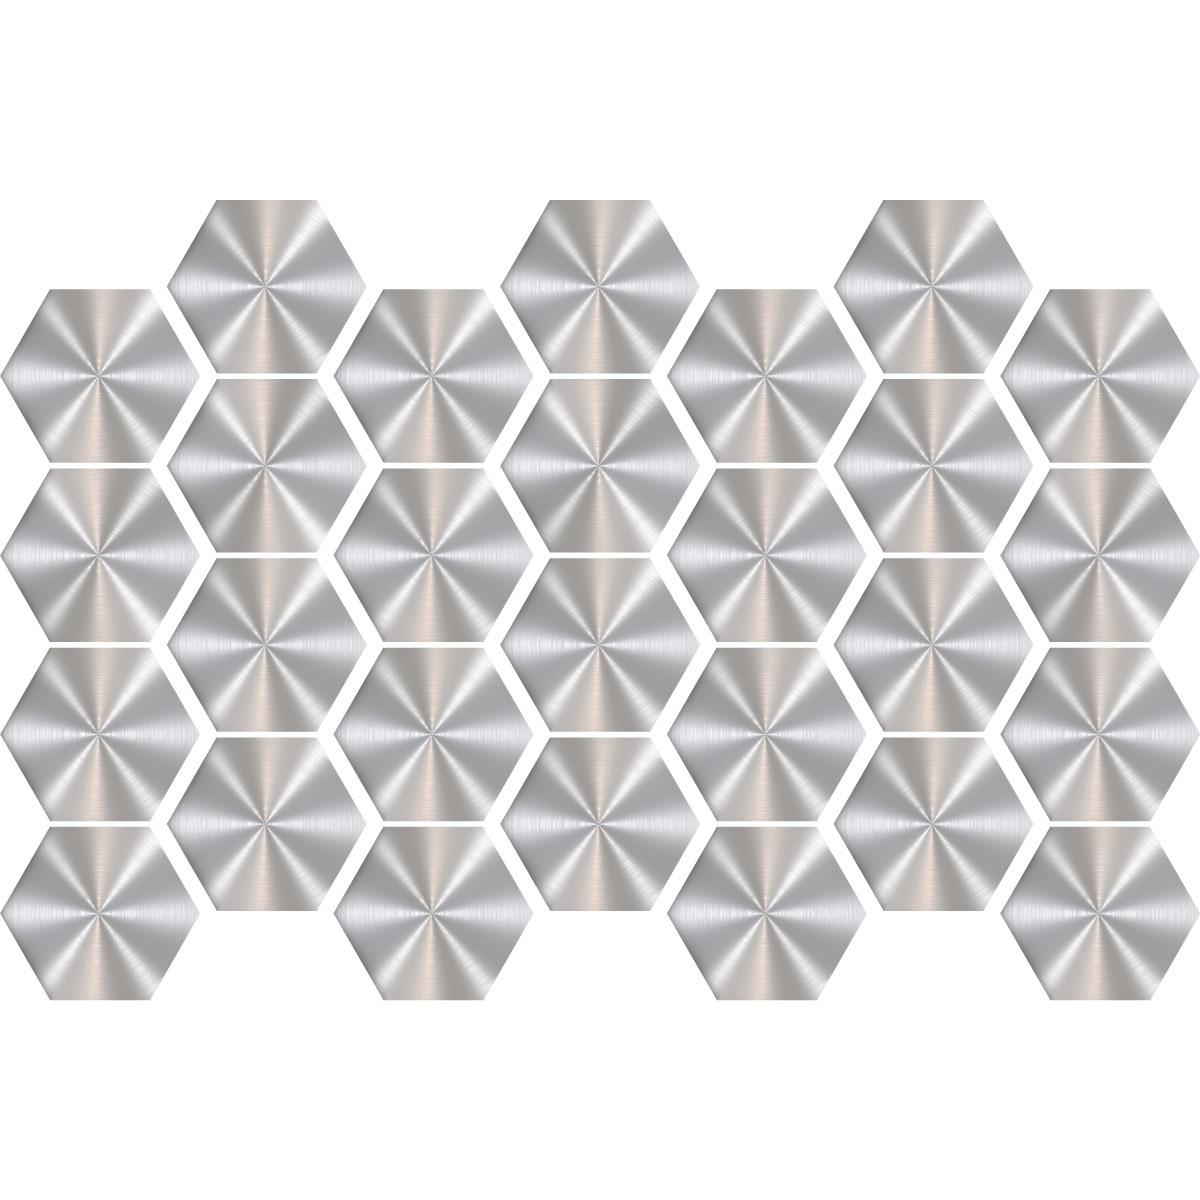 stickers carreaux de ciment hexagones gris acier salle de bain et wc salle de bain ambiance. Black Bedroom Furniture Sets. Home Design Ideas